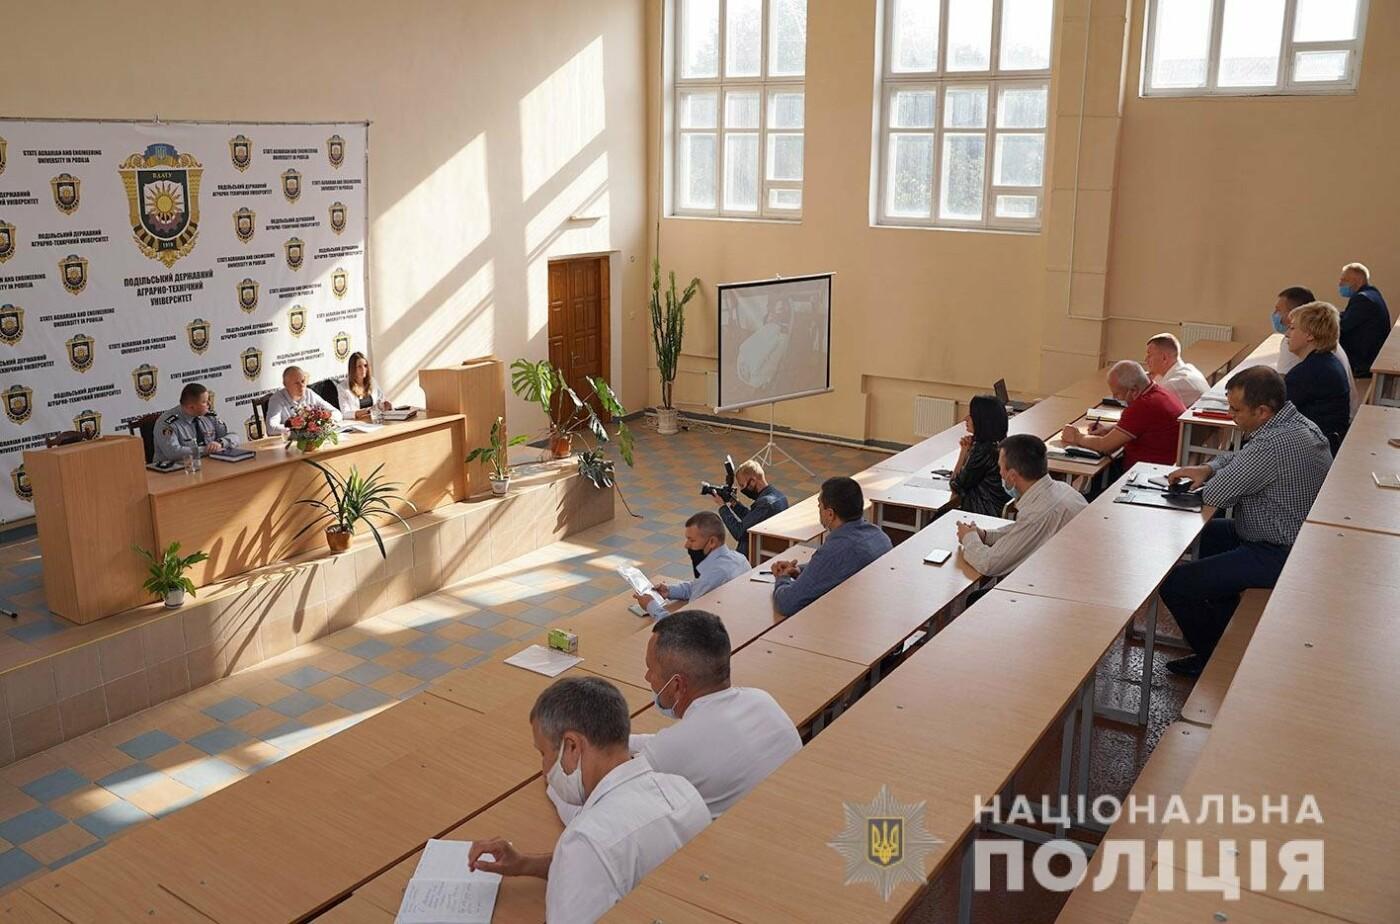 У Кам'янці кінологи з усієї України обговорювали стратегію кінологічної служби, фото-1